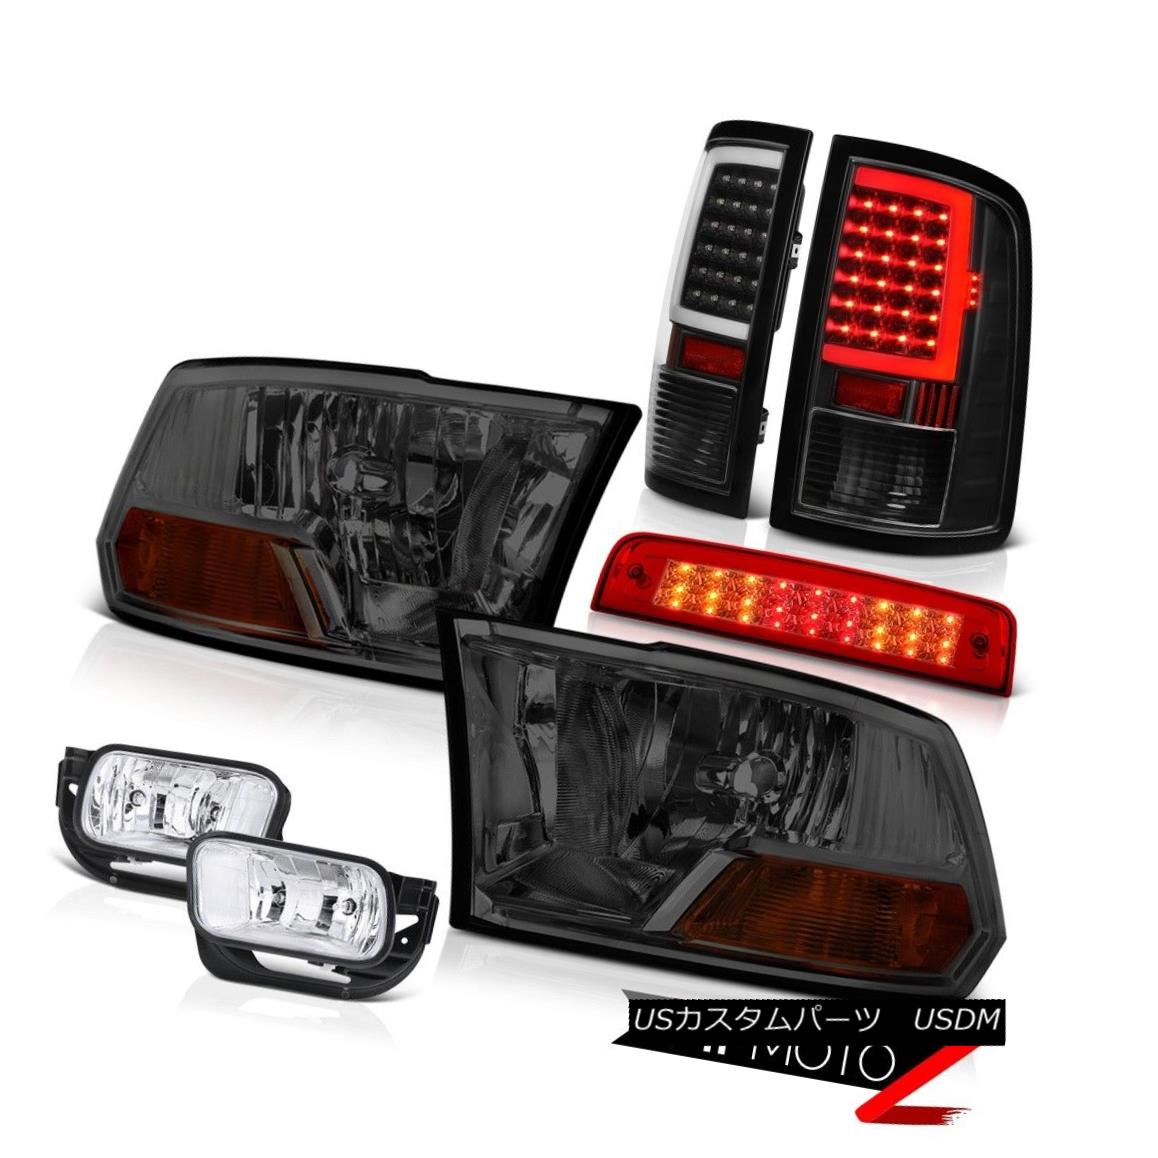 テールライト 09 10 11-18 Dodge RAM 3500 Tail Lights Brake Fog Lamps Factory Style Headlight 09 10 11-18 Dodge RAM 3500テールライトブレーキフォグランプ工場風ヘッドライト